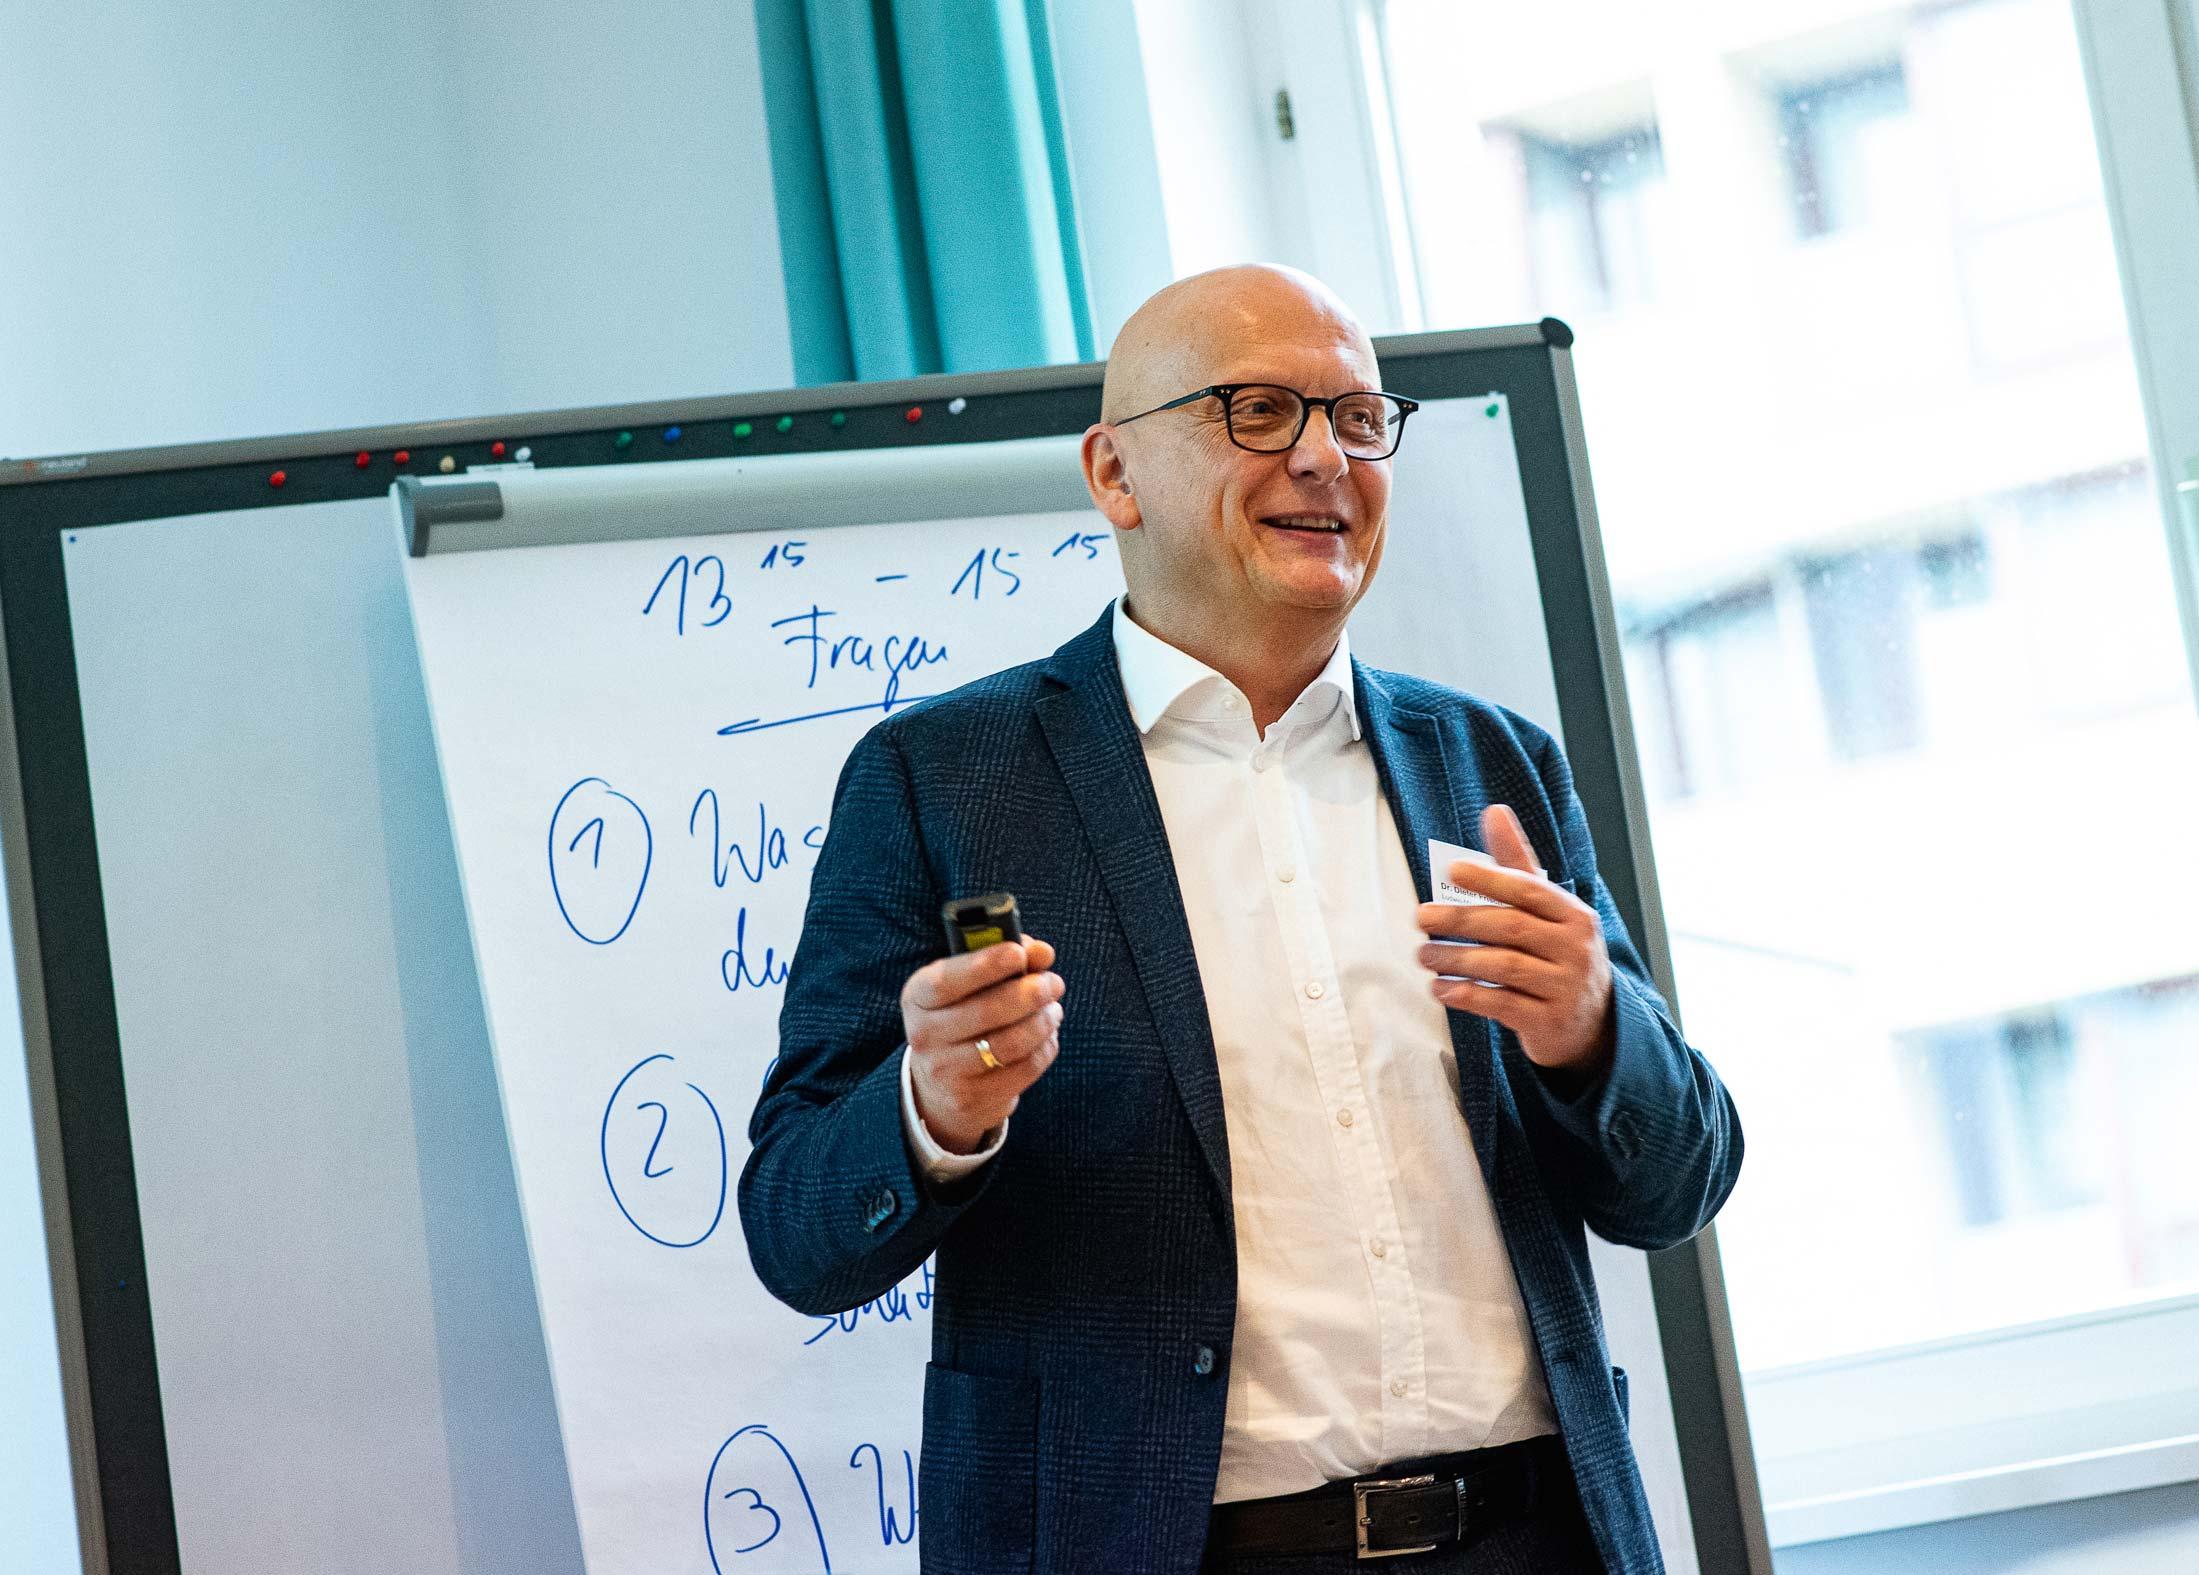 Dr. Dieter Frisch